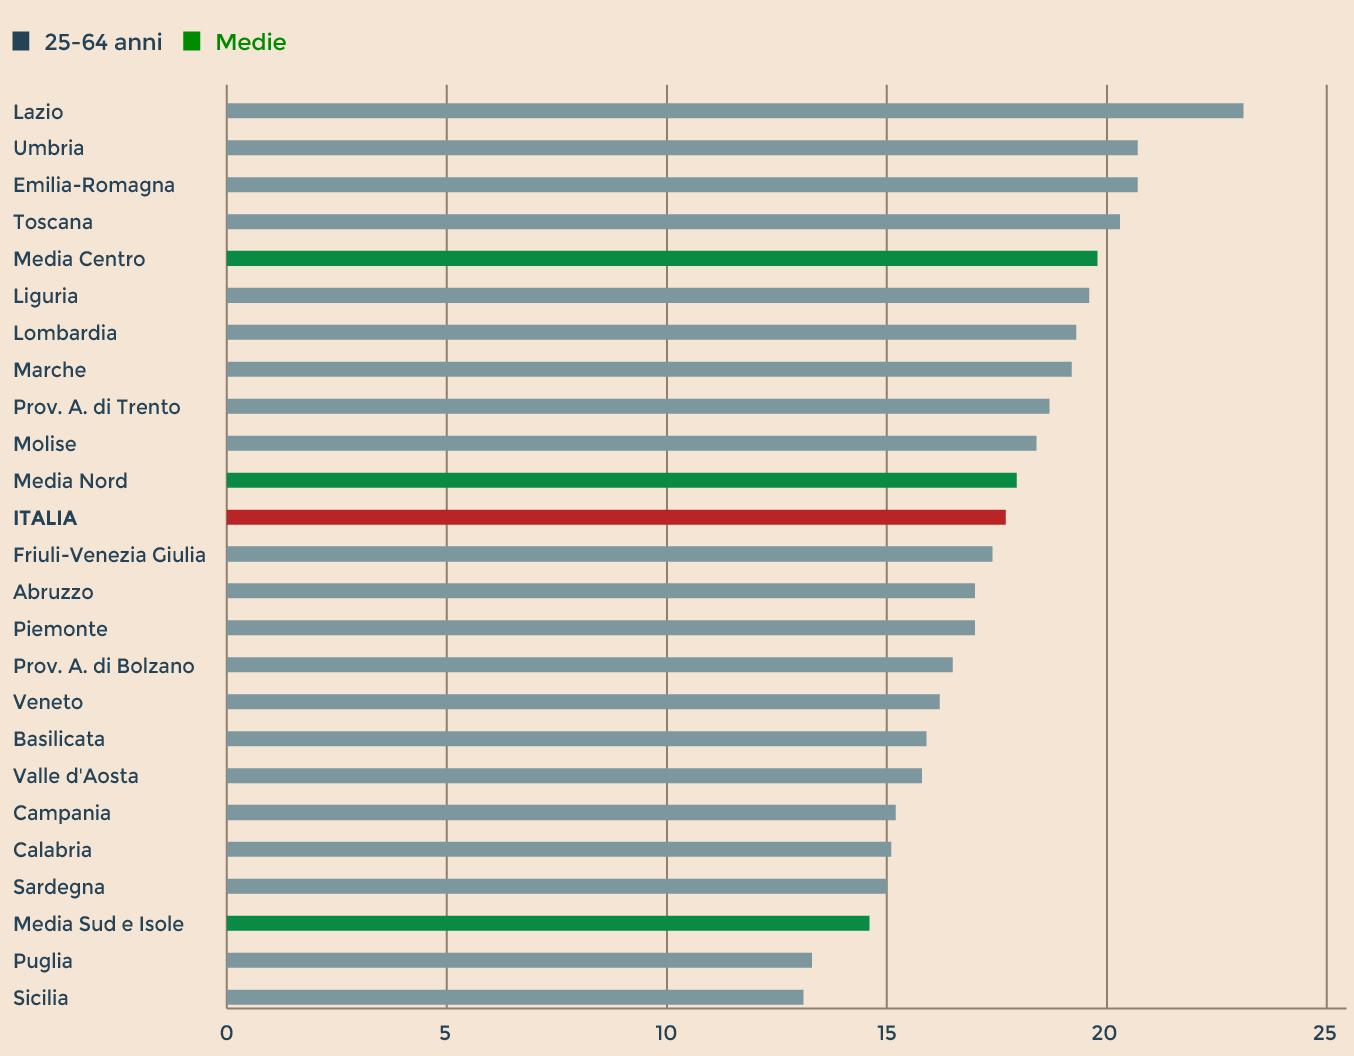 IL LIVELLO DI ISTRUZIONE DELLA POPOLAZIONE ADULTA È PIÙ ALTO NELLE REGIONI DEL CENTRO